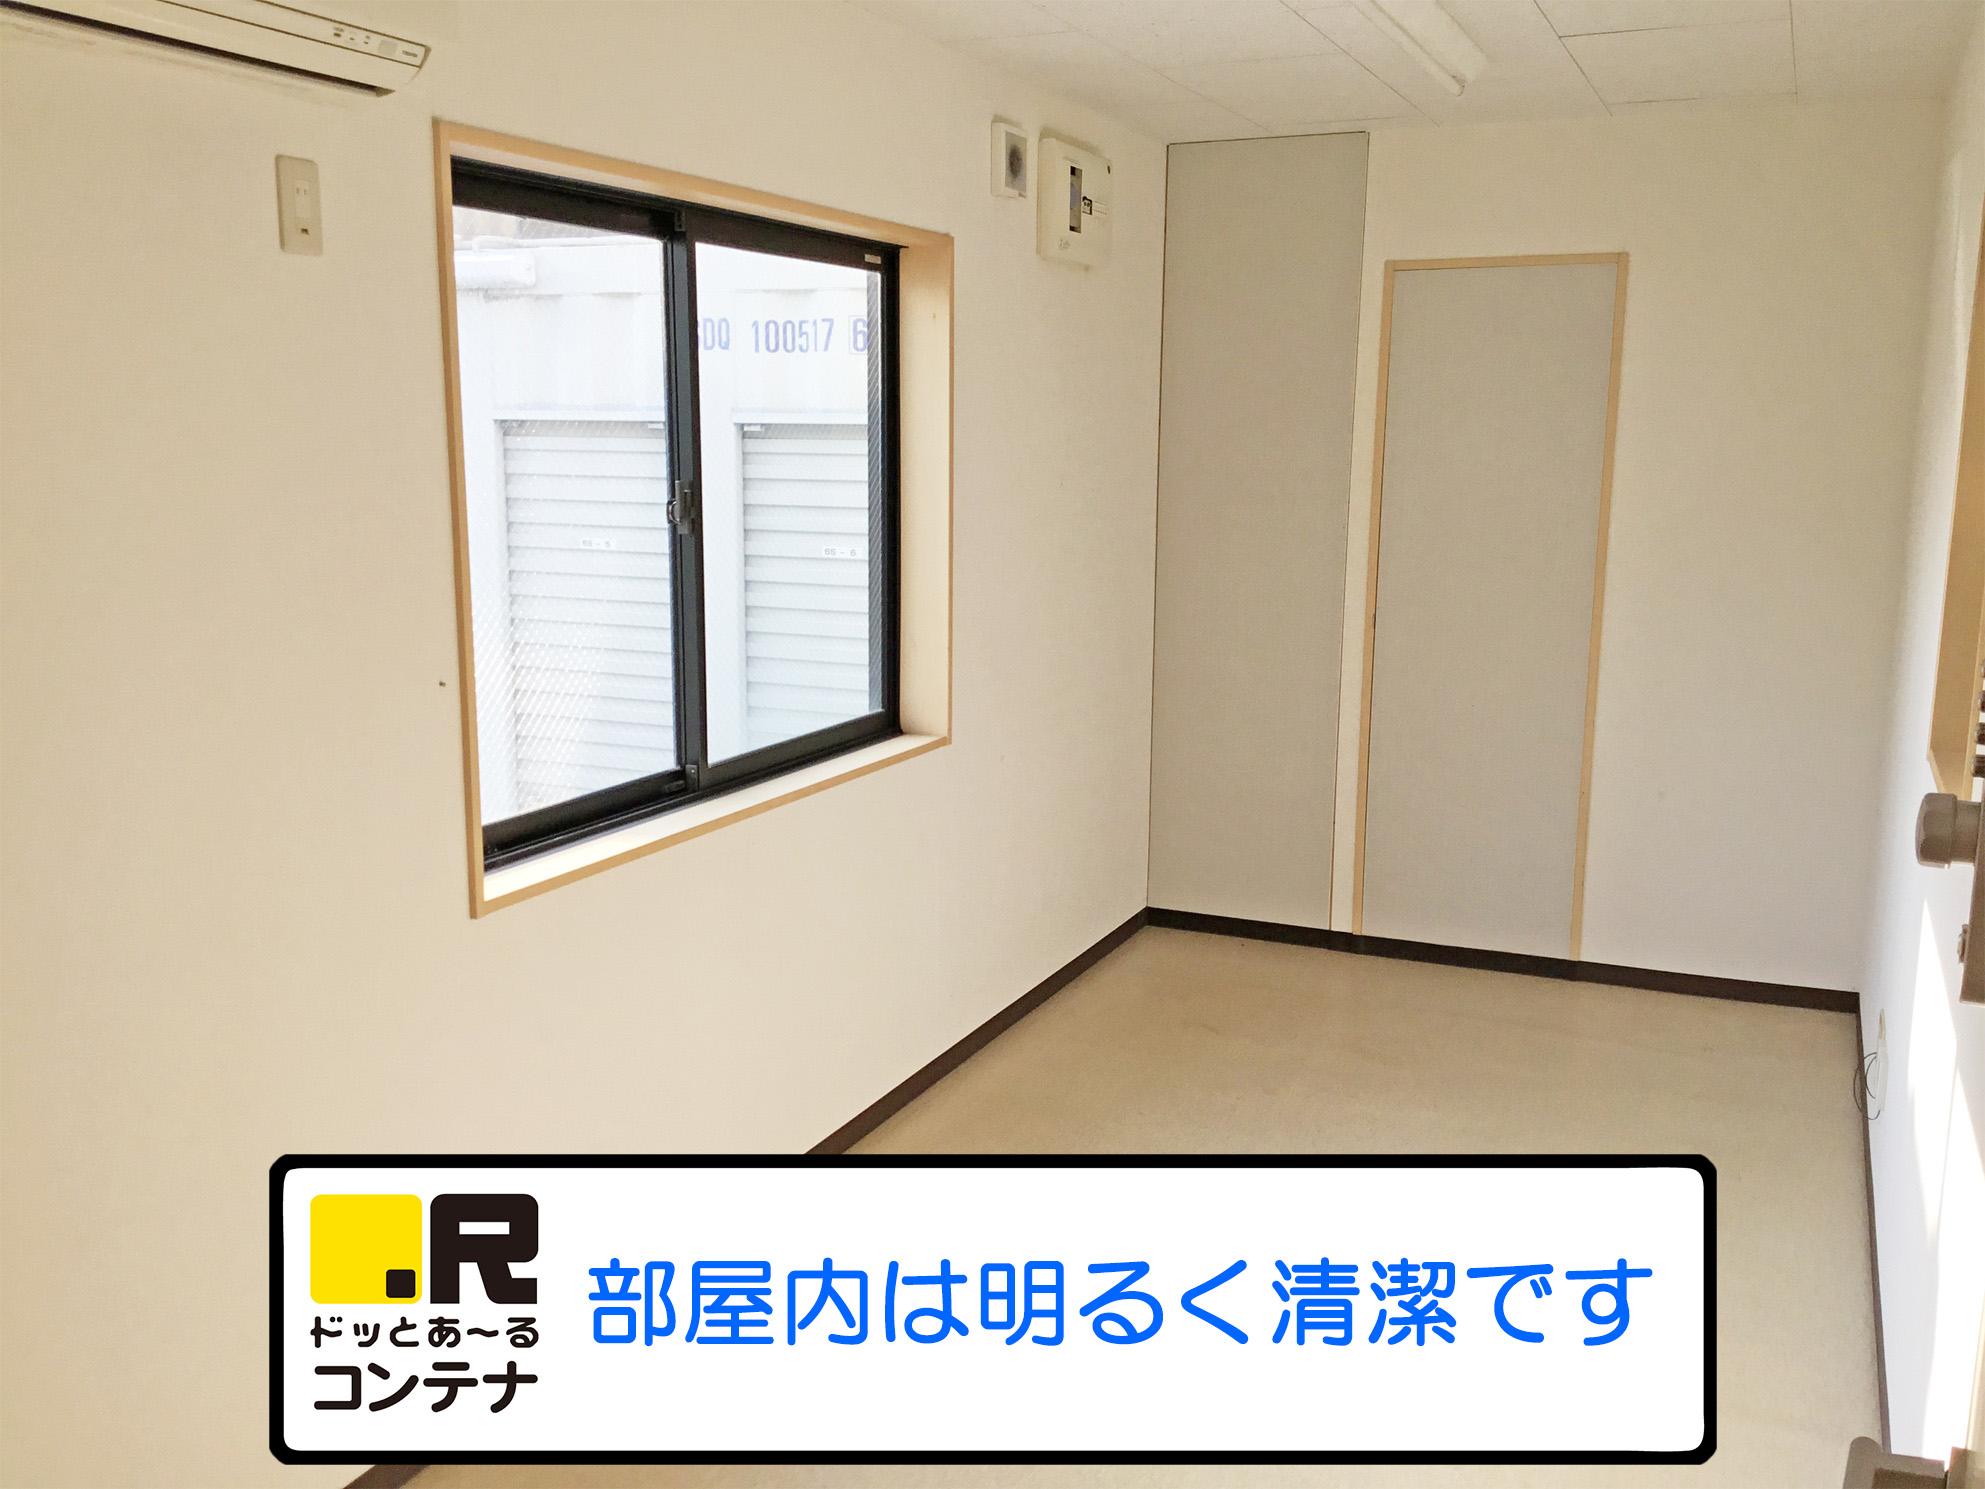 ドッとあ~るコンテナ UTレジデンス港北店外観5